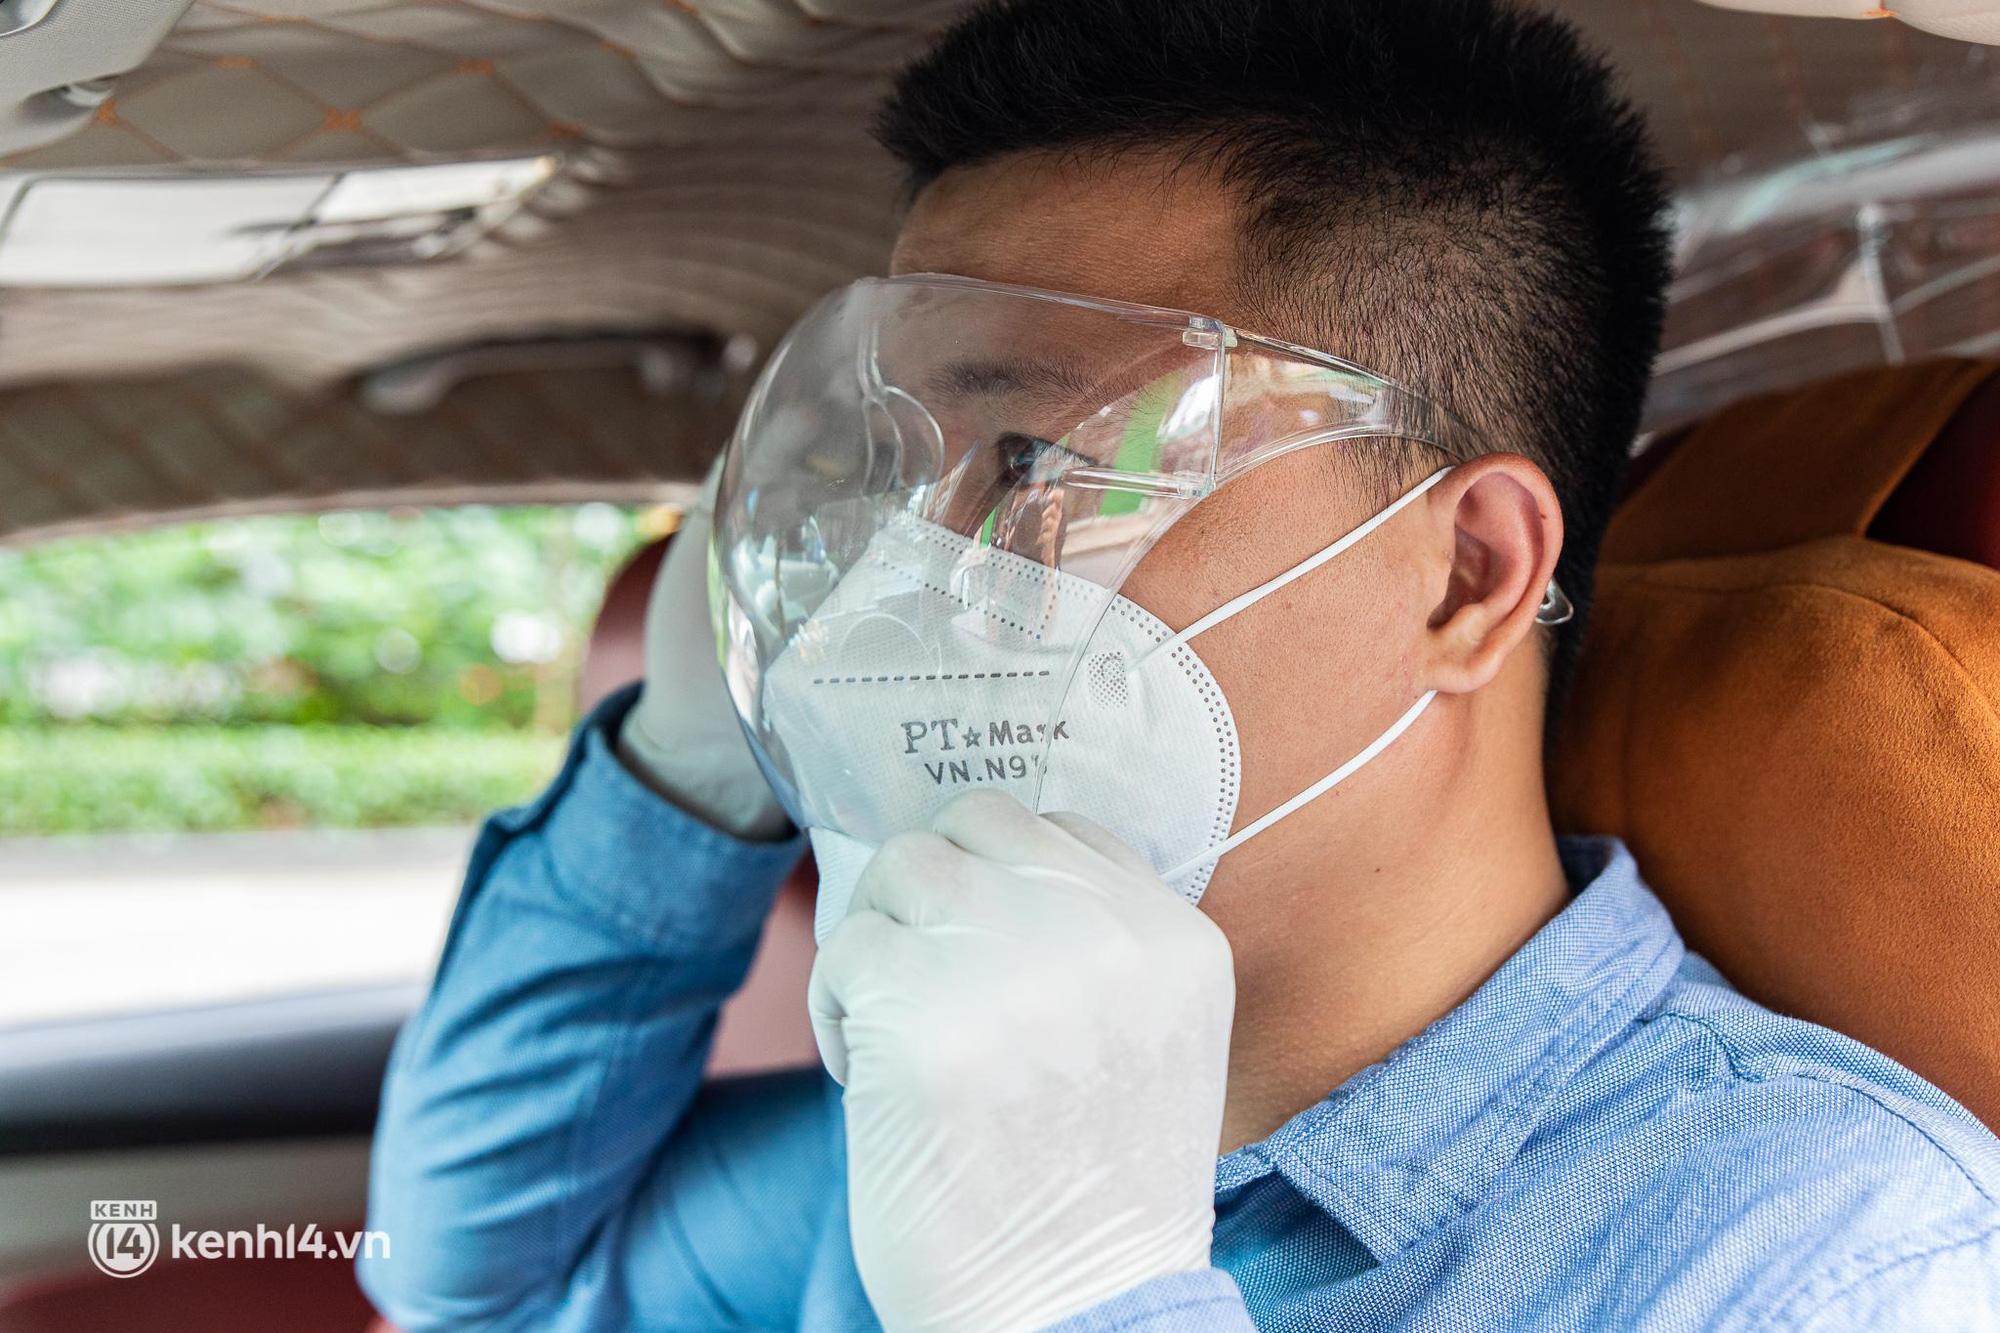 Sài Gòn nới lỏng giãn cách xã hội, bác tài phấn khởi ngày hoạt động trở lại với dịch vụ GrabCar Protect - Ảnh 2.